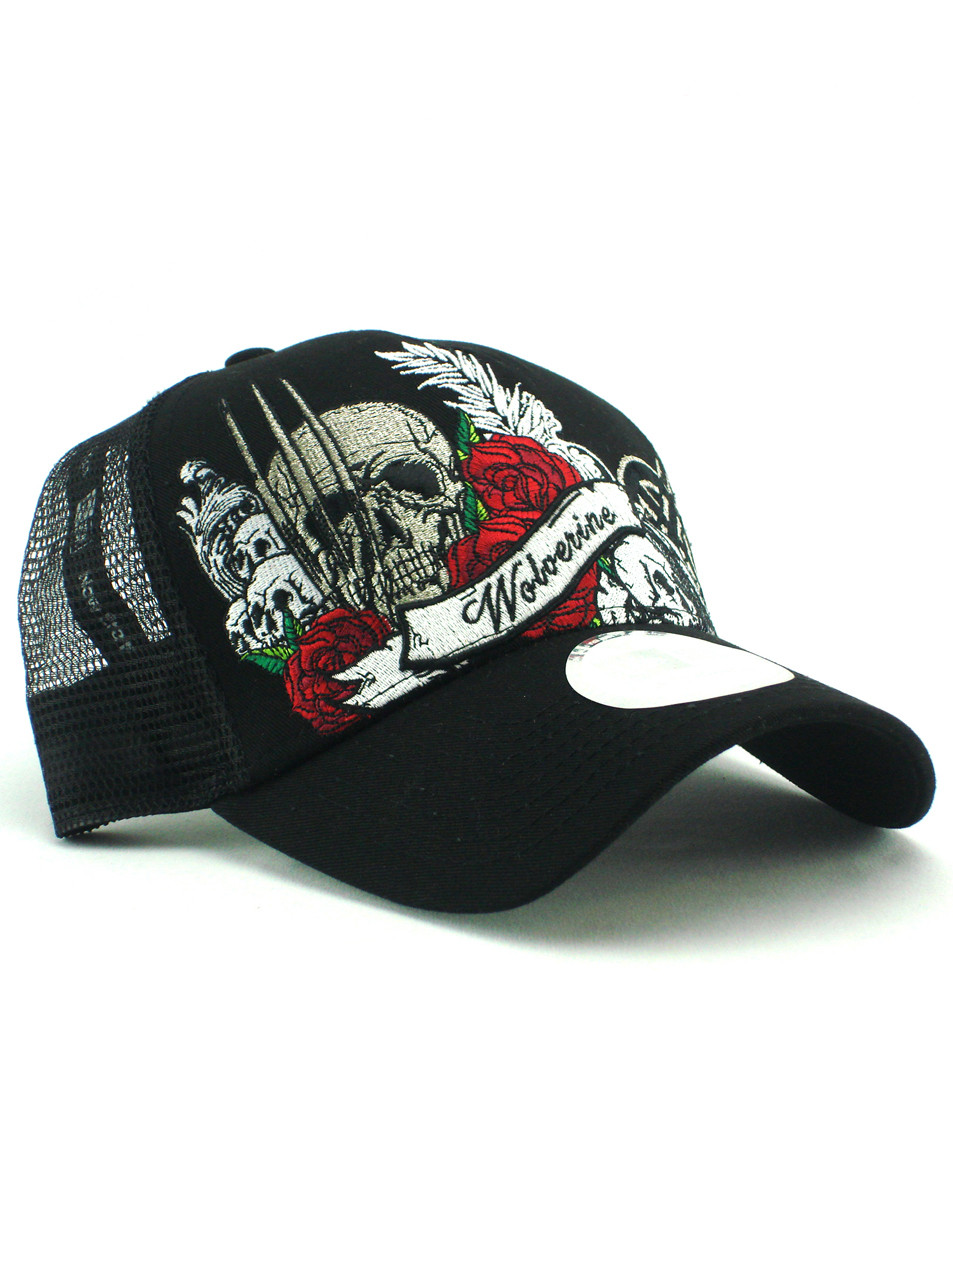 594c72e475b New Era Wolverine Designer Adjustable Trucker Hat View 1